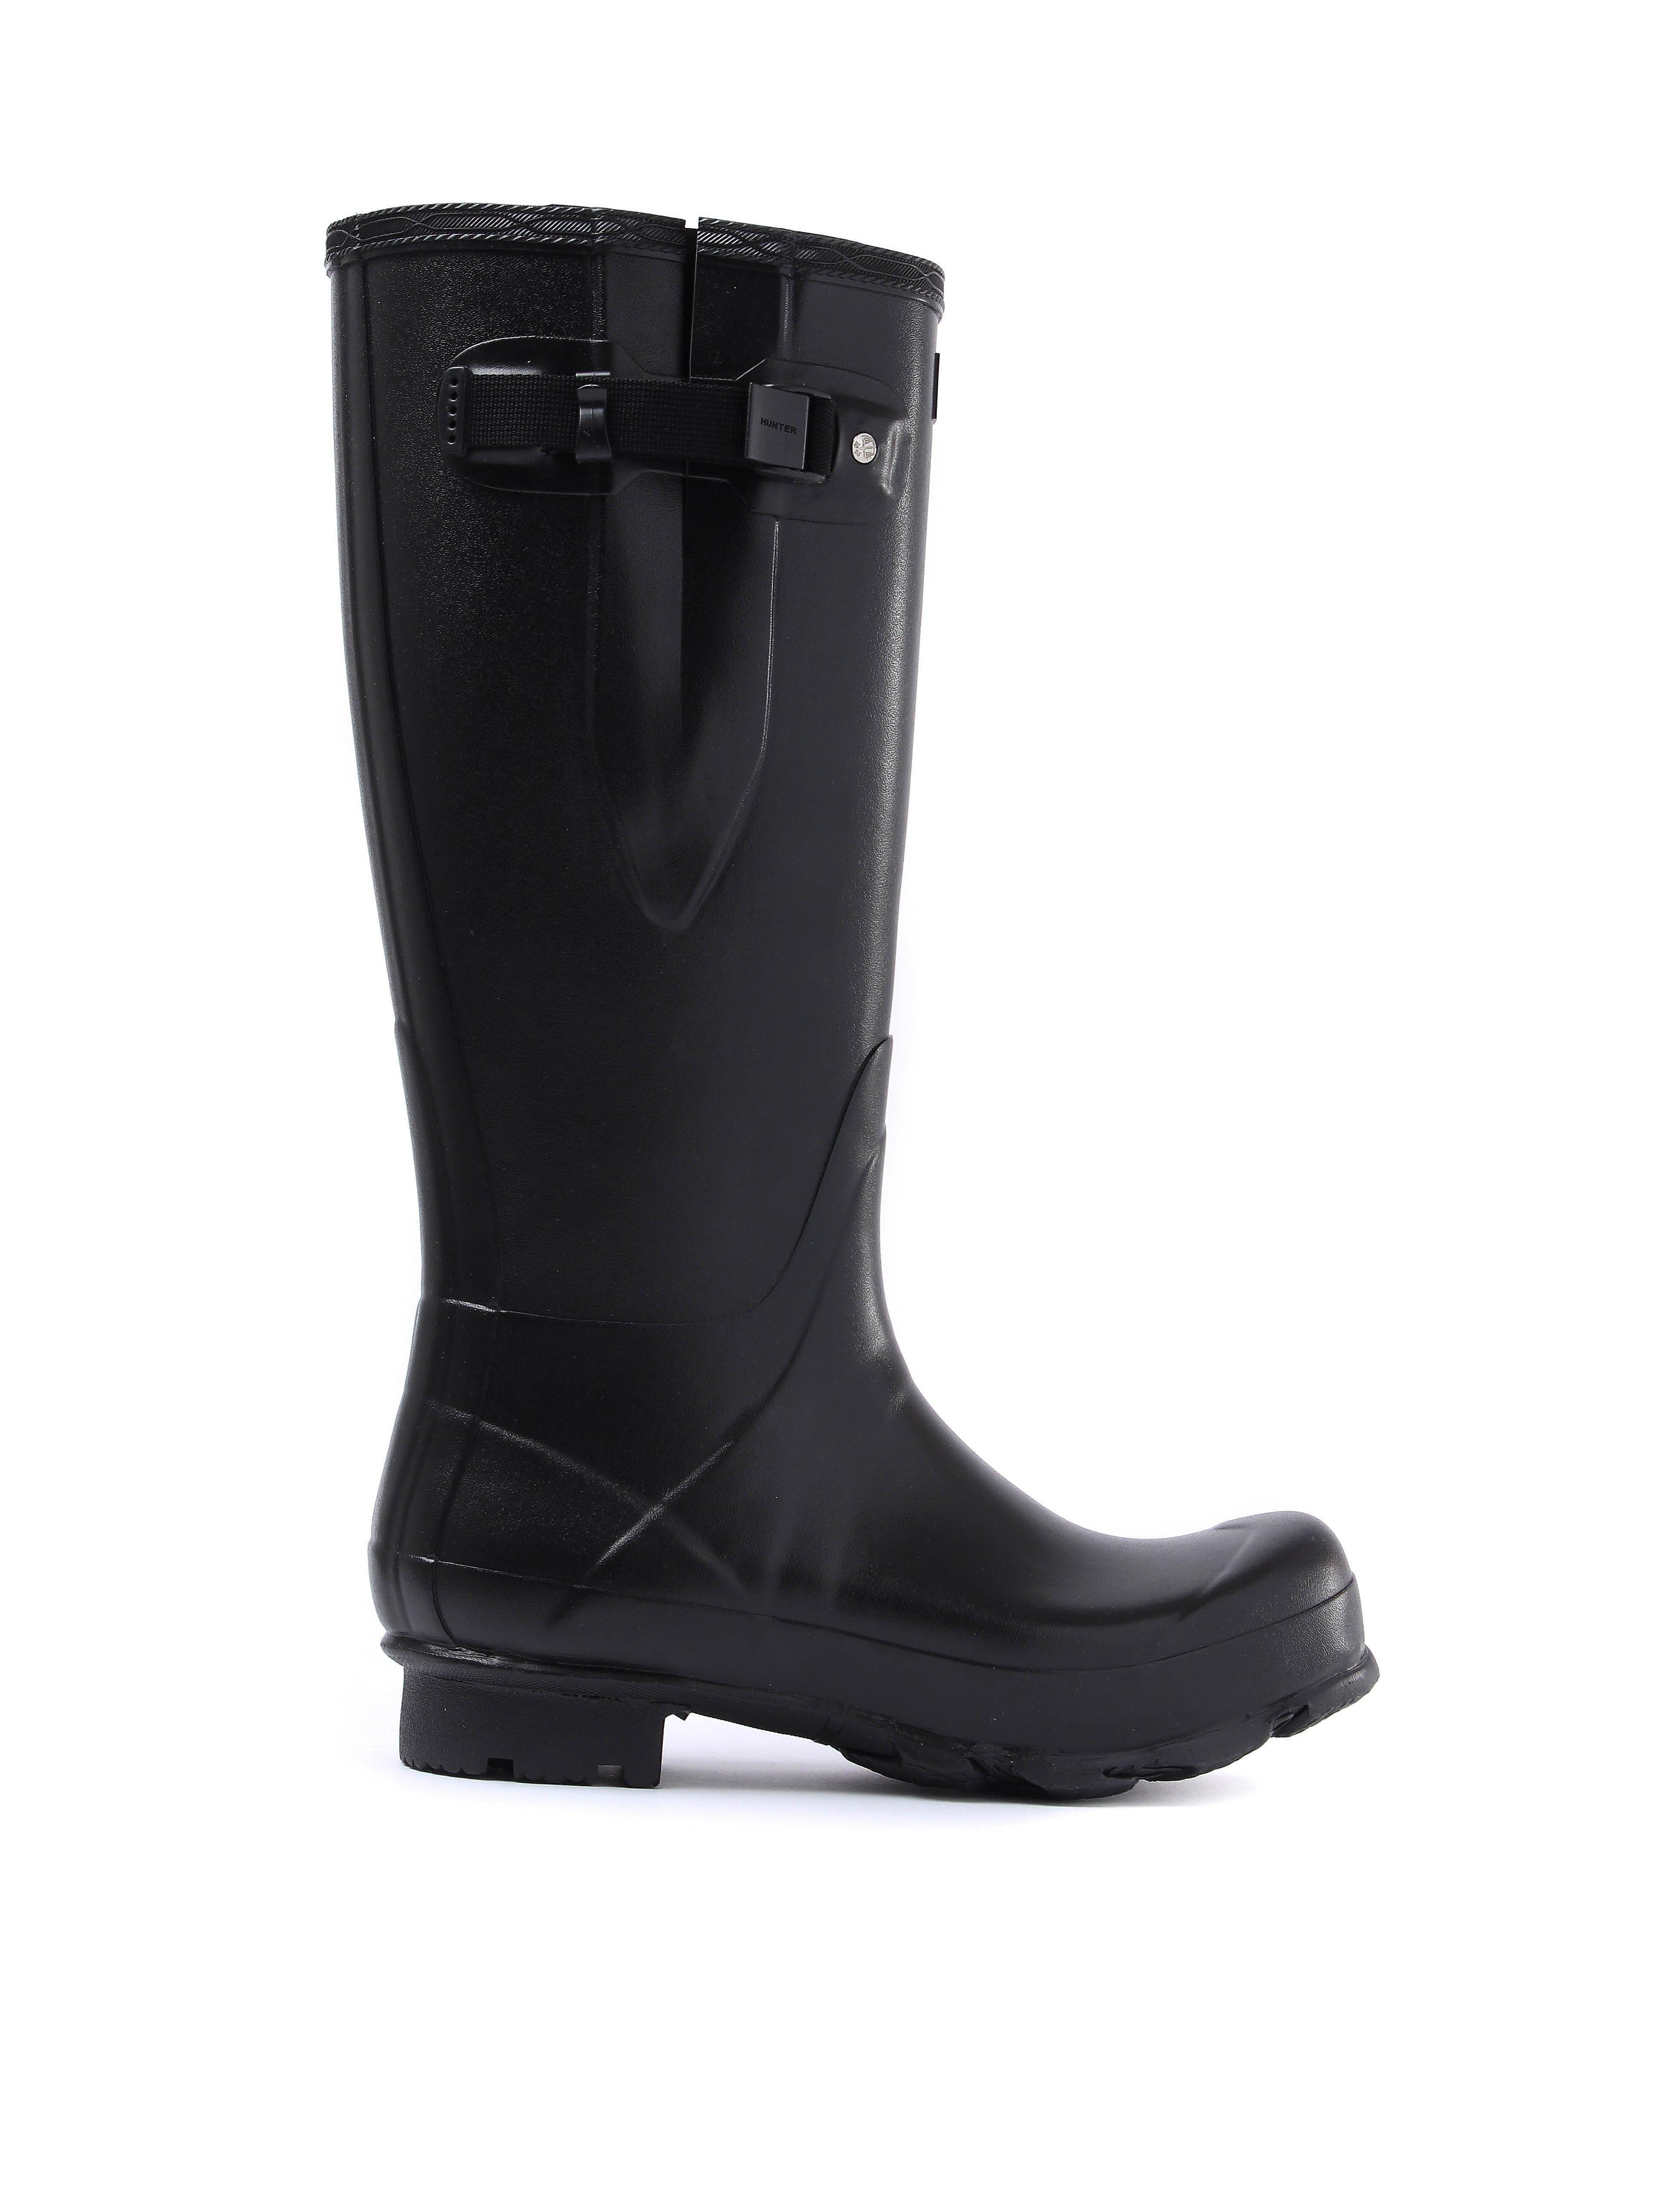 Hunter Wellies Men's Norris Field Adjustable Wellington Boots - Black